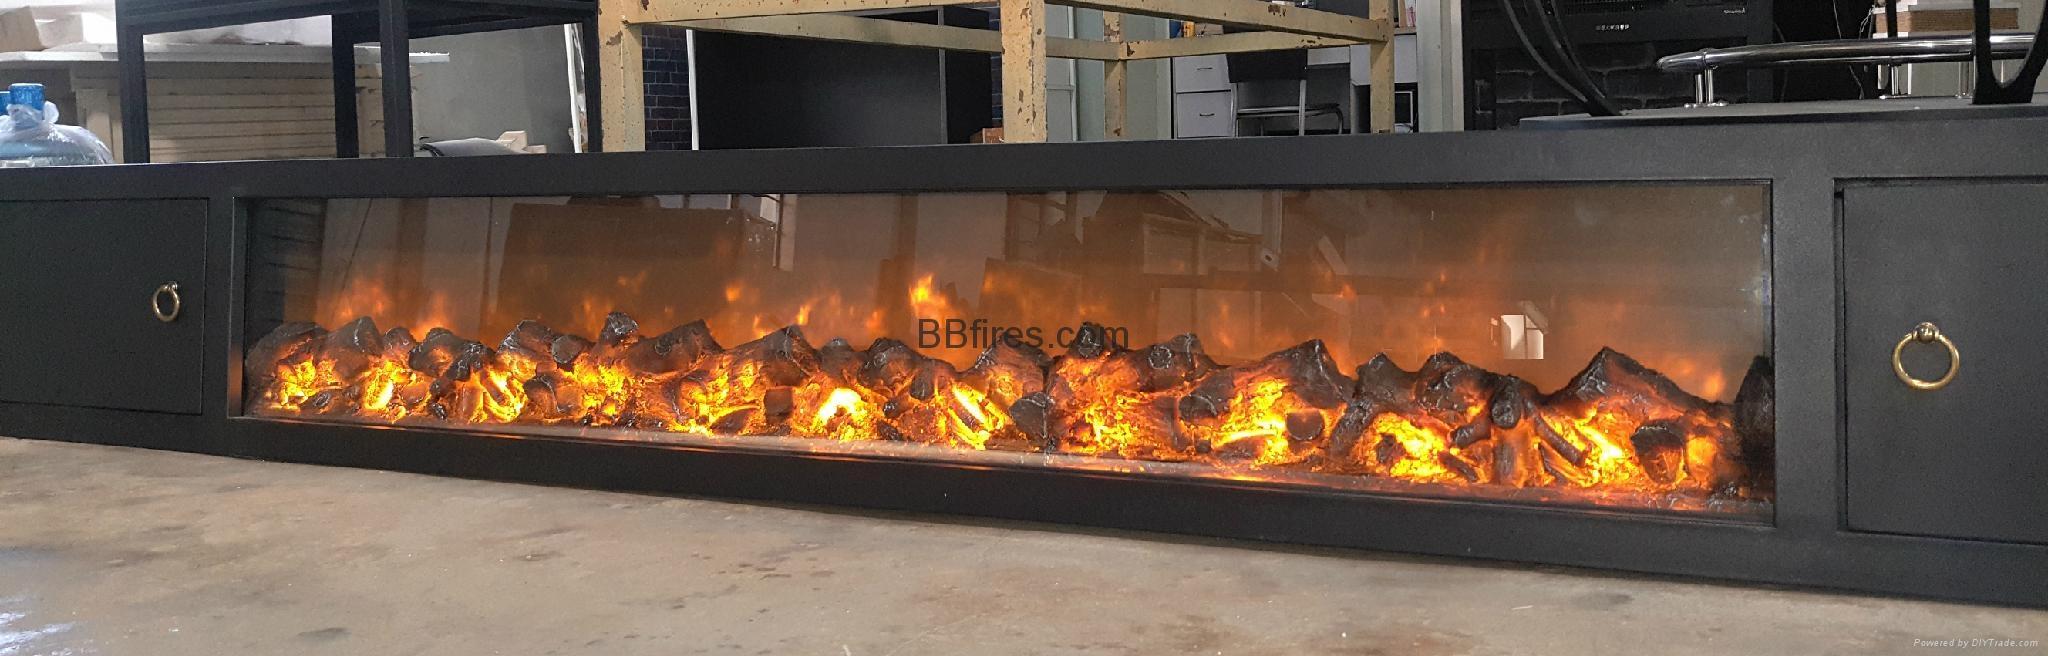 BB 嵌入式黄钛金壁炉电子壁炉 11